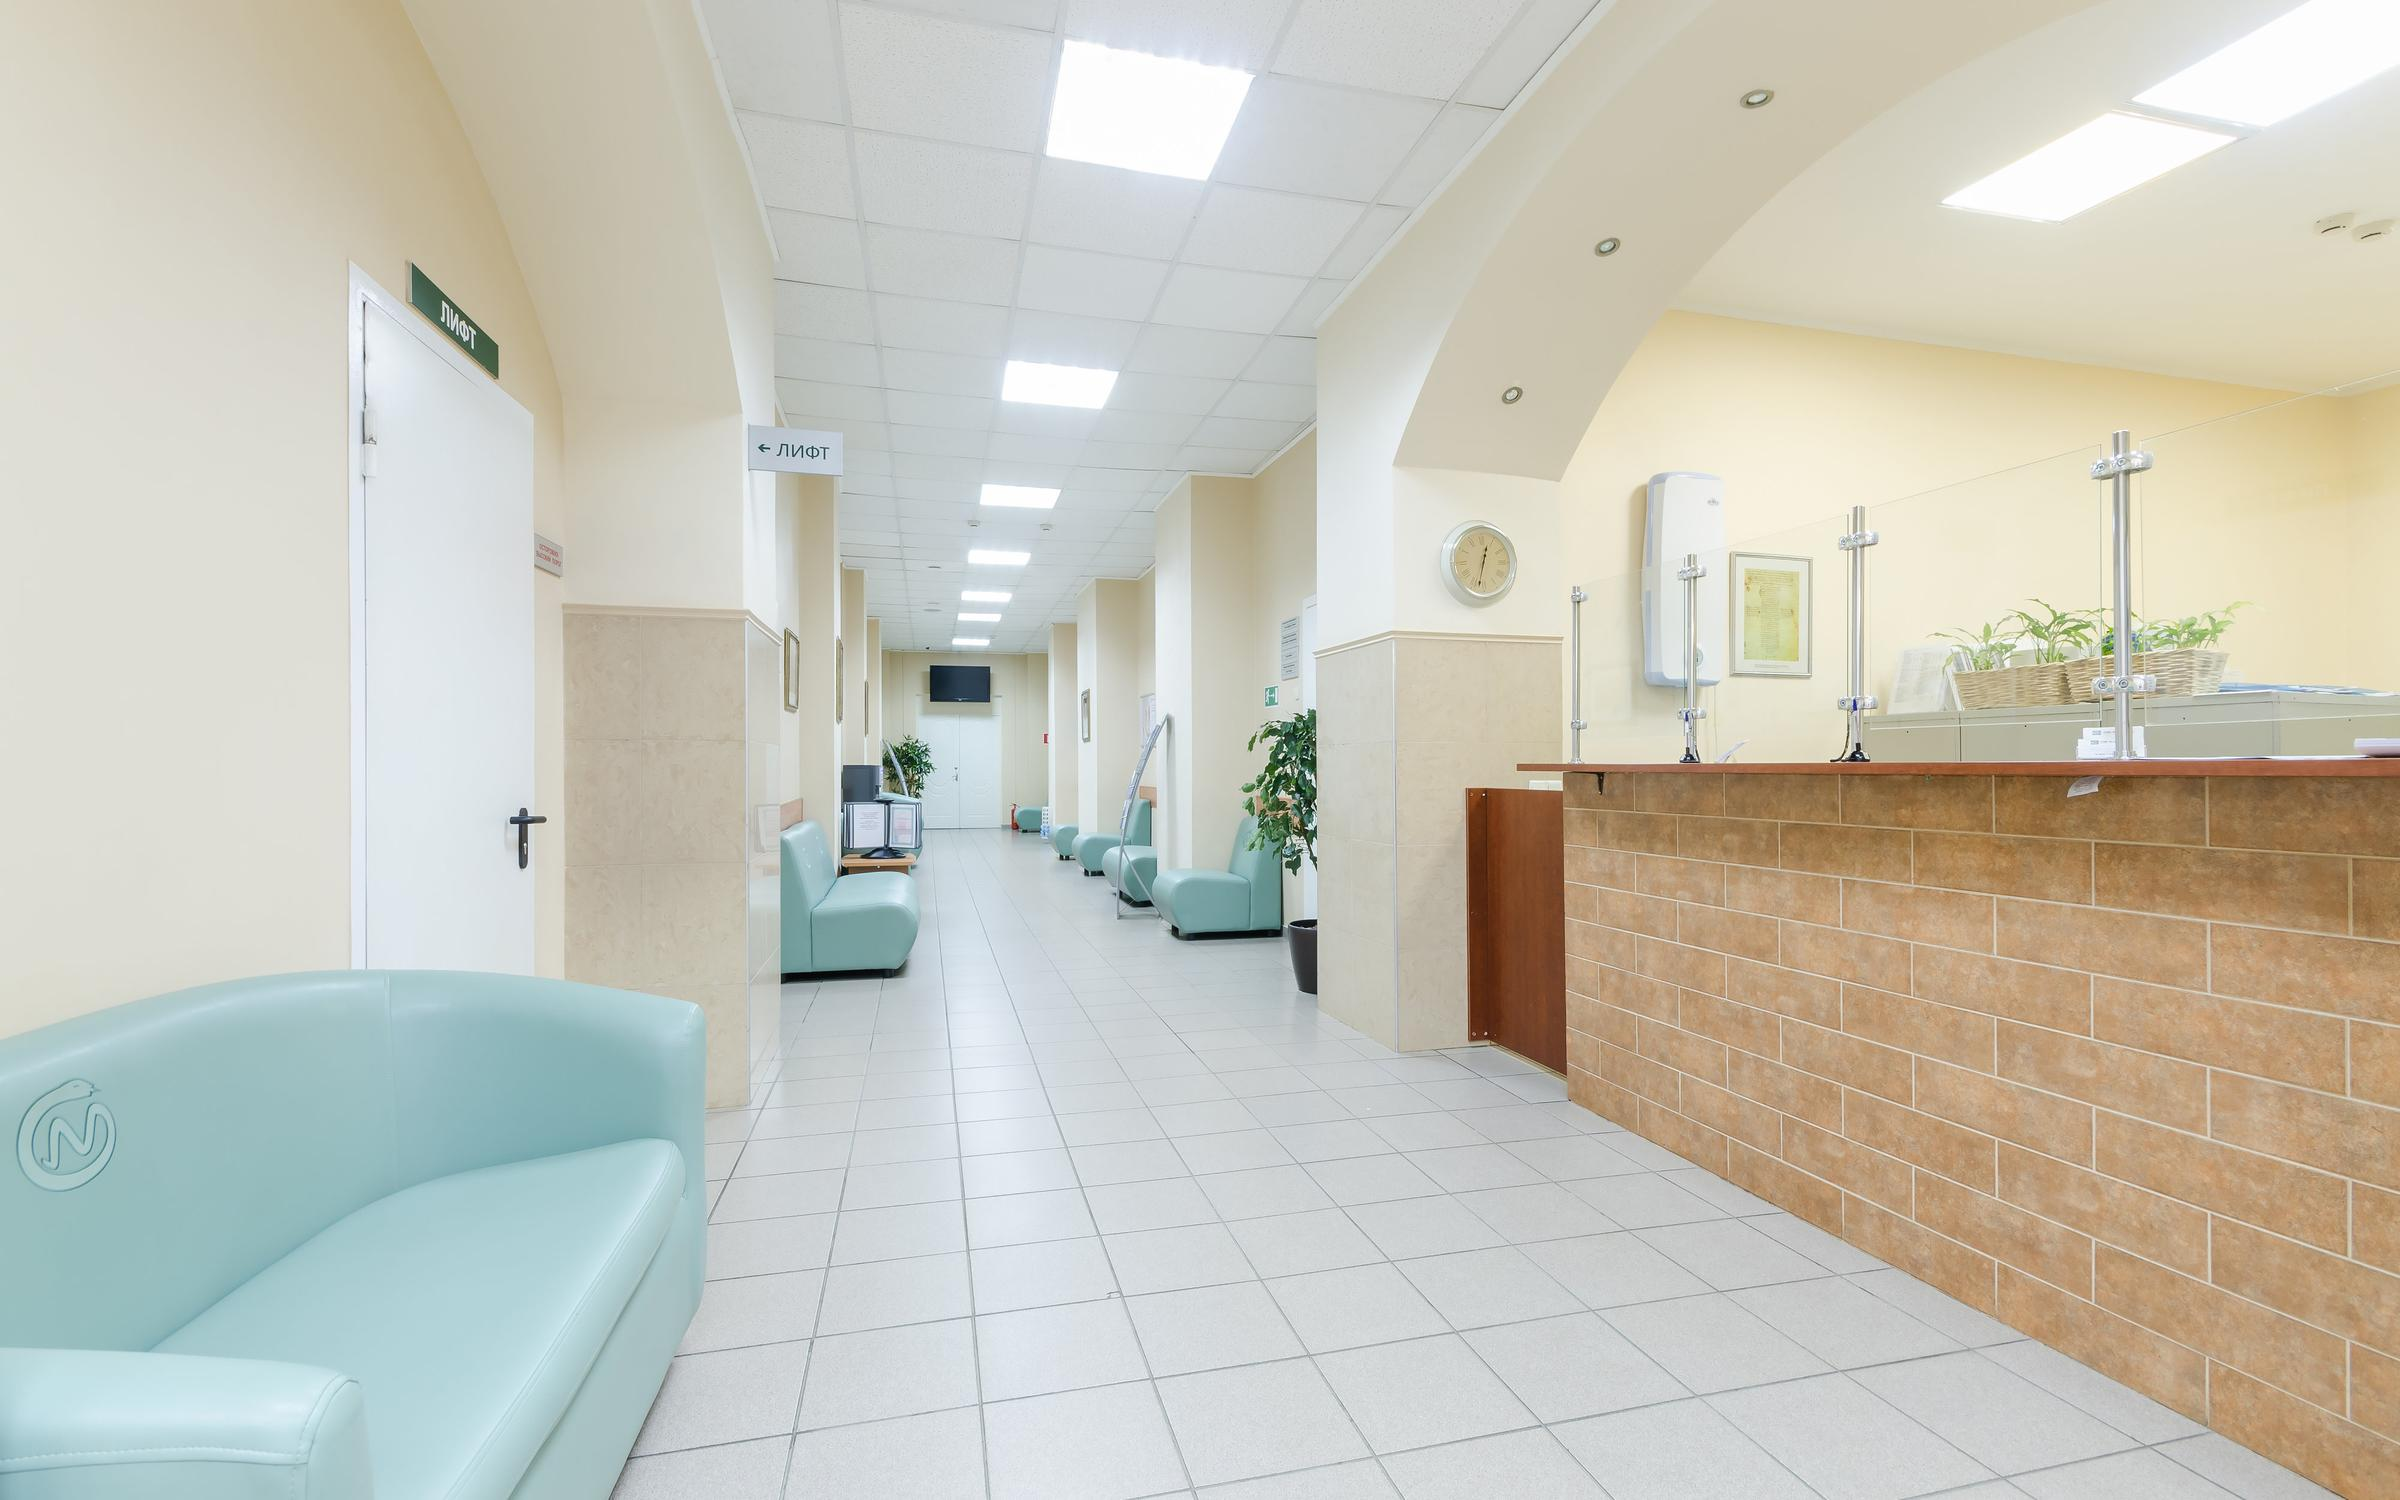 фотография Многопрофильного центра СМ-Клиника на улице Клары Цеткин